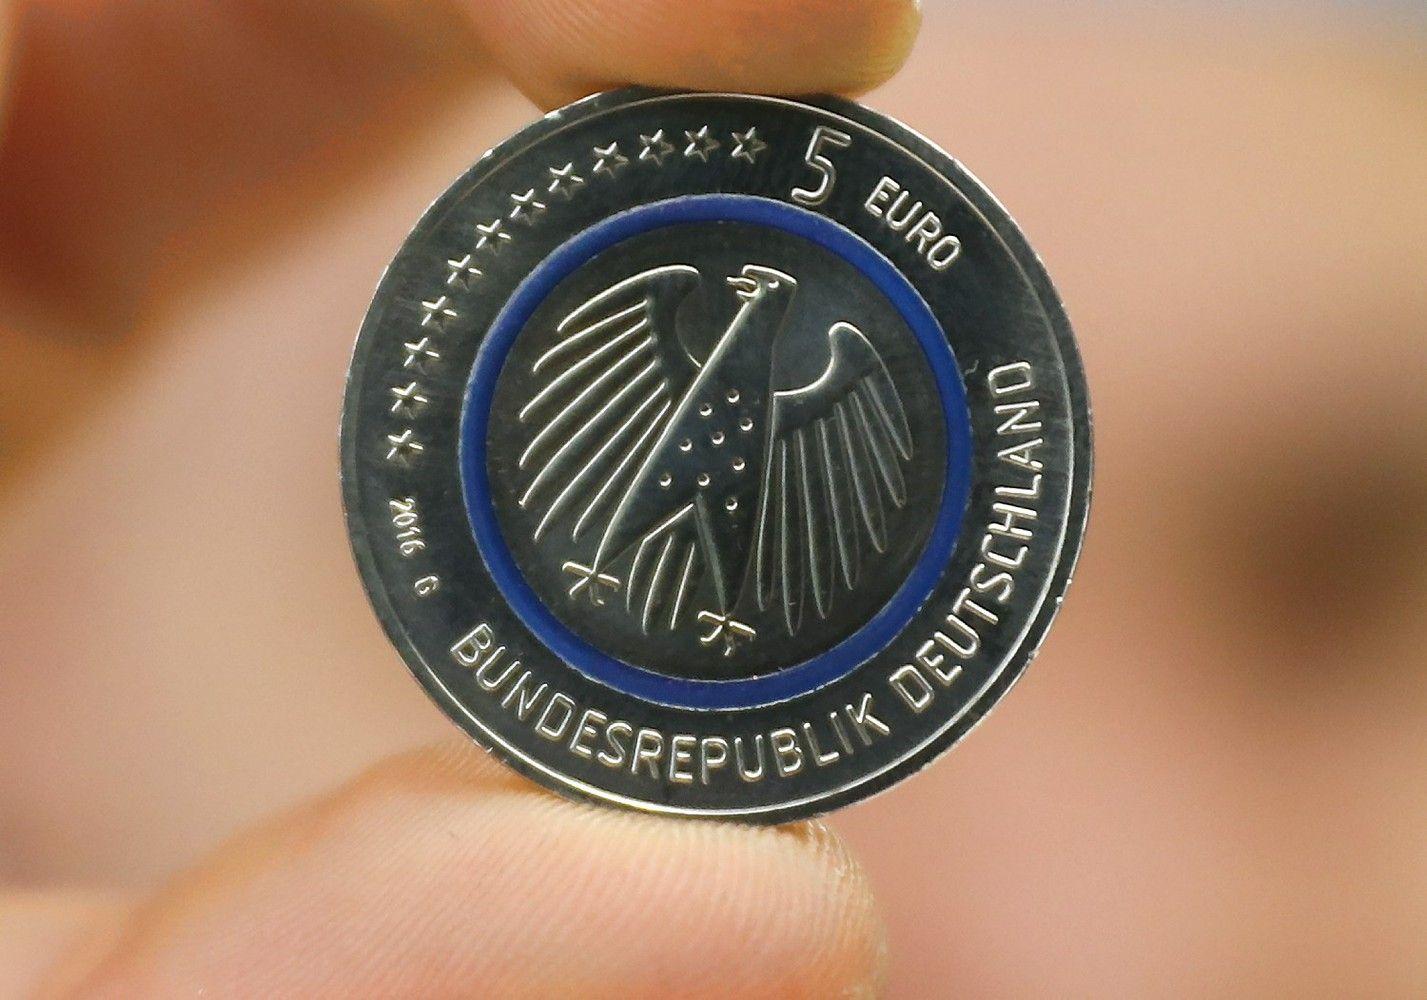 Vokietija iš Graikijos skolų krizės uždirbo 1,3 mlrd. Eur